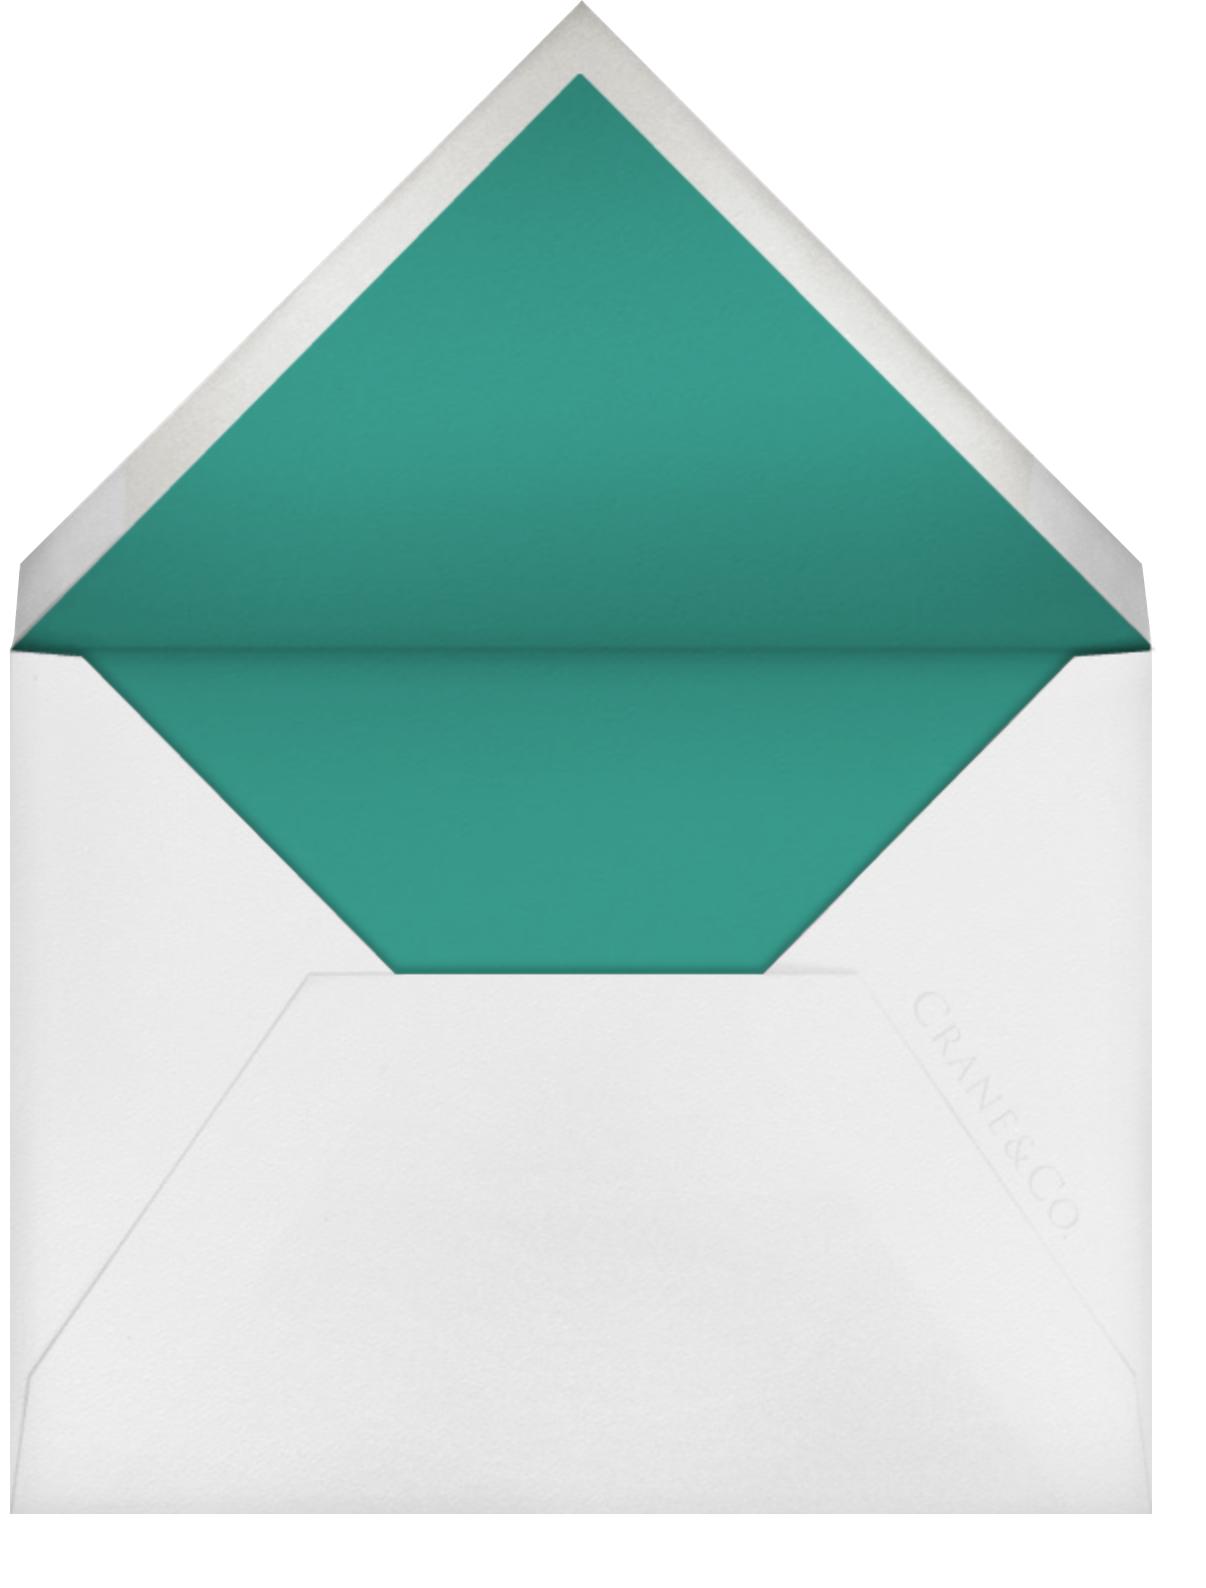 Tie the Knot - Hunter Green - Oscar de la Renta - Envelope